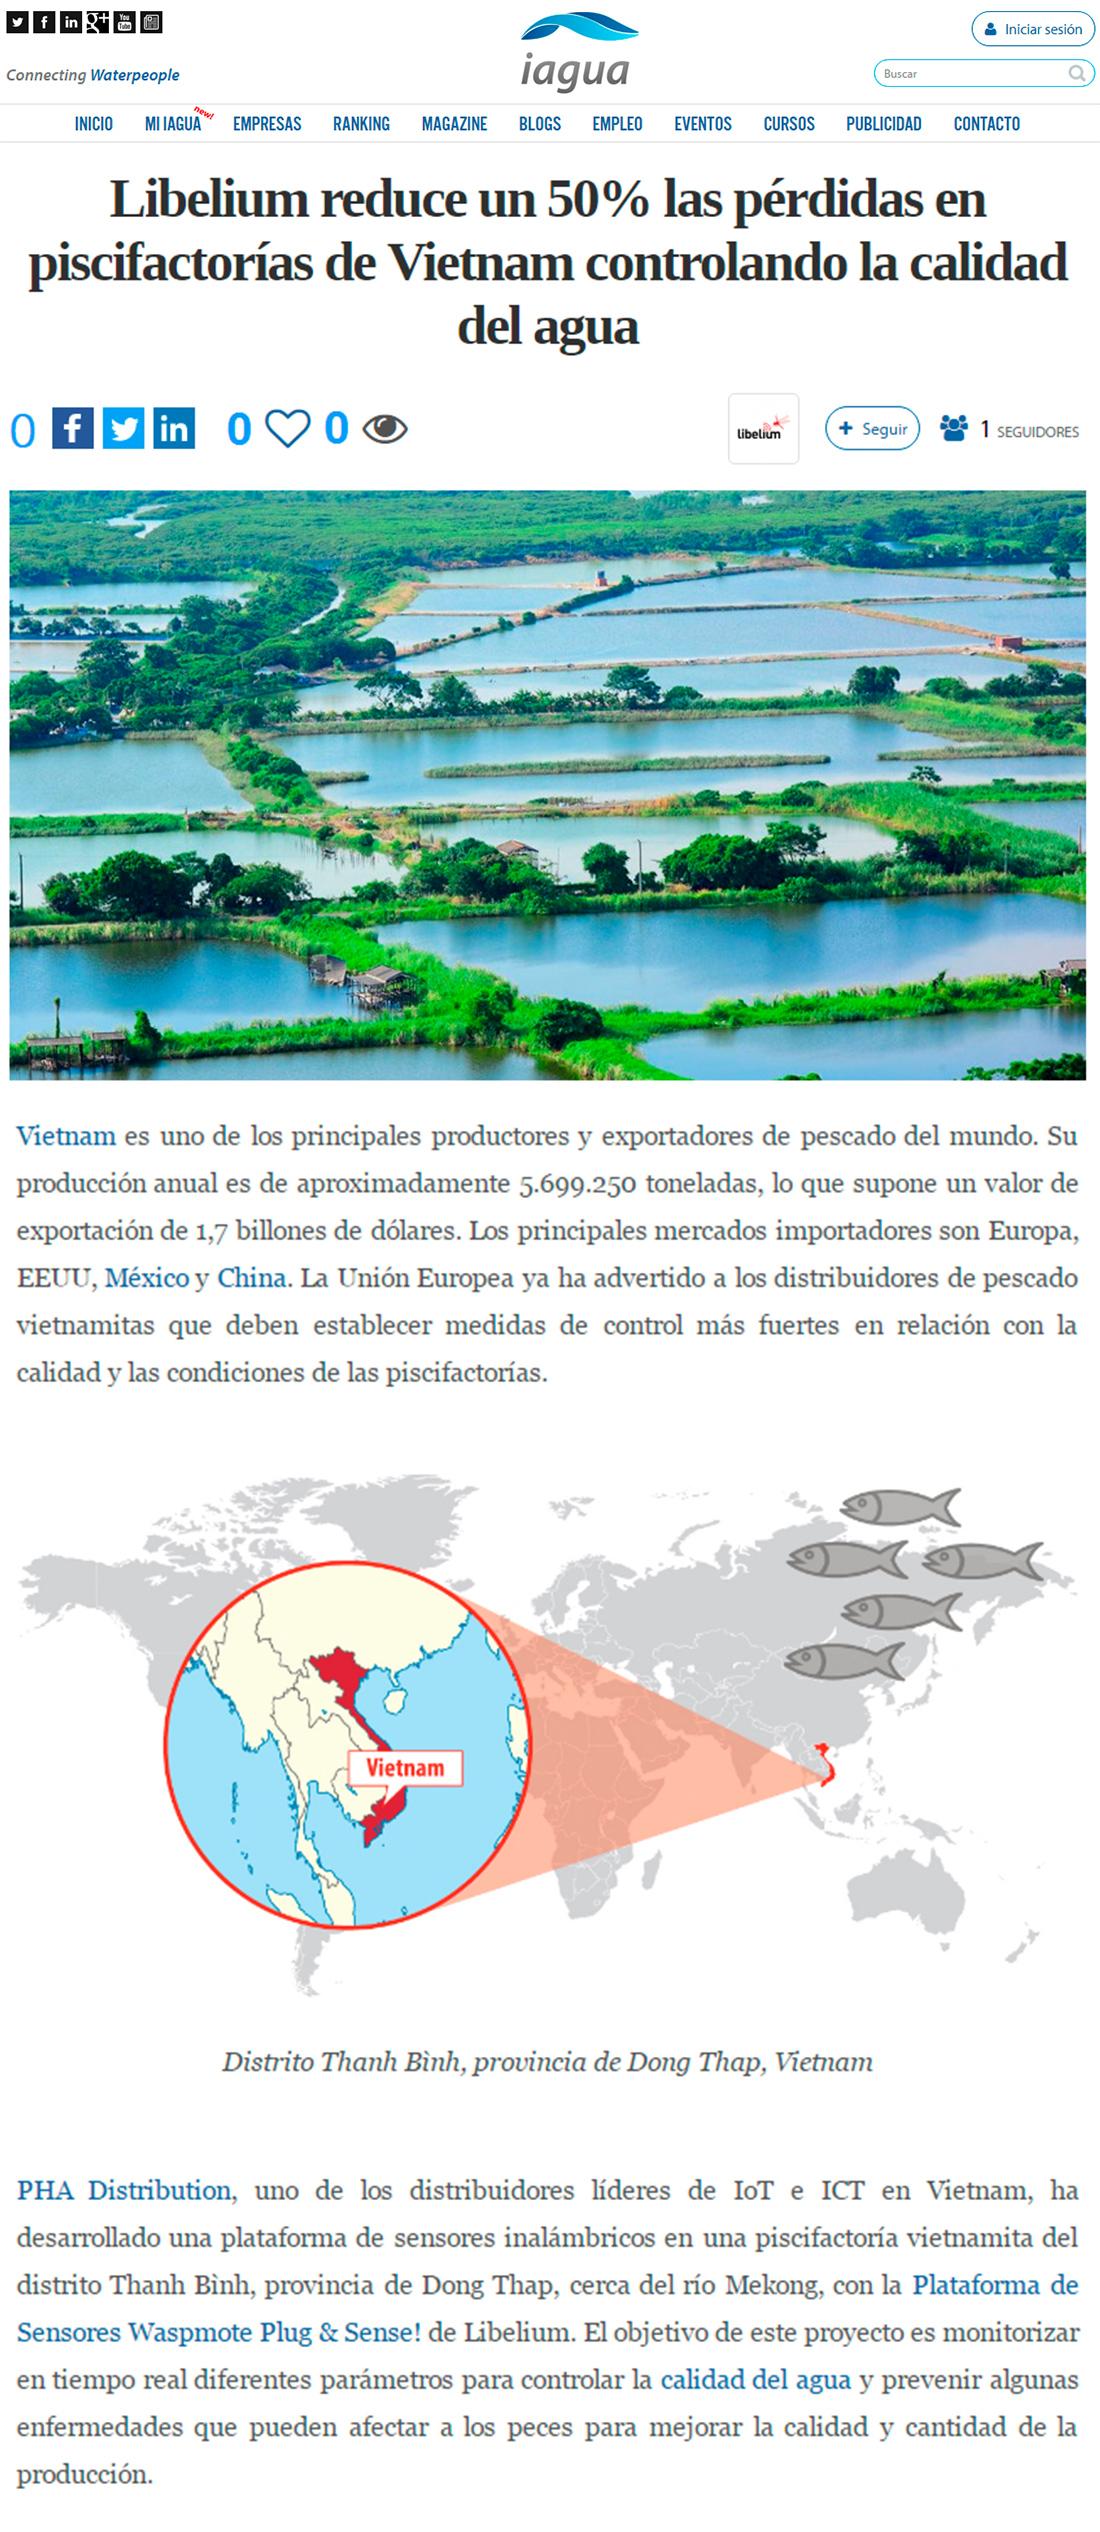 Iagua.es – Libelium reduce un 50% las pérdidas en piscifactorías de Vietnam